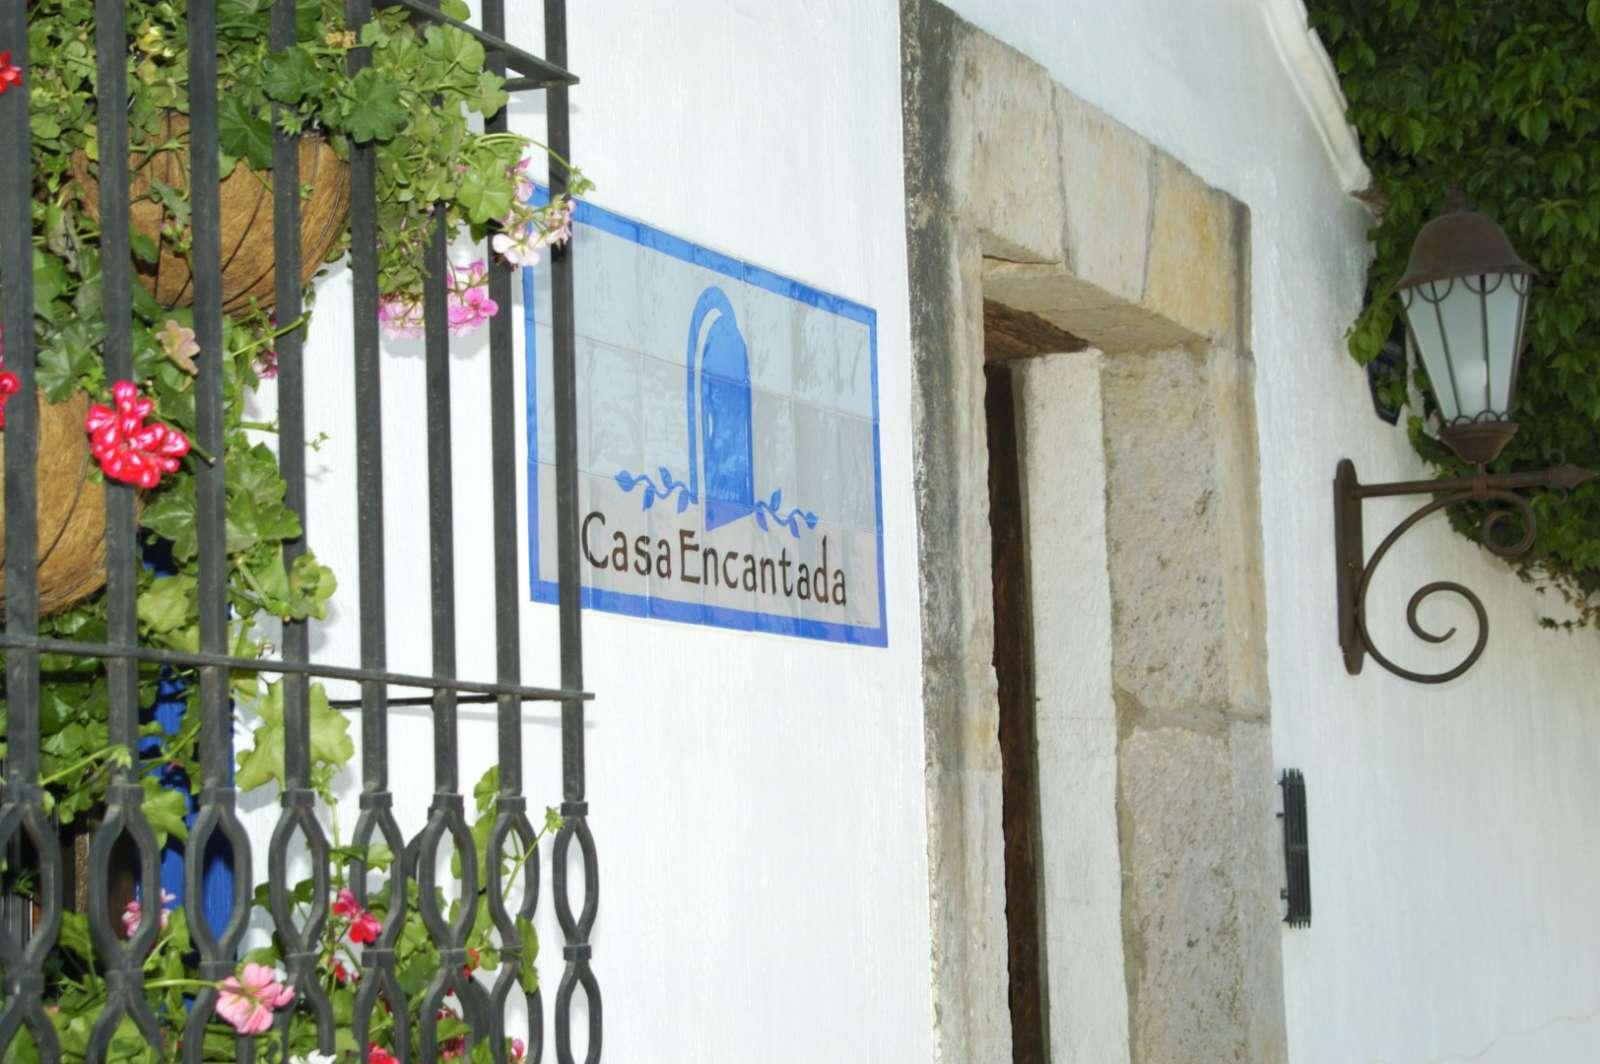 Entrance at Casa Encantada in Antigua